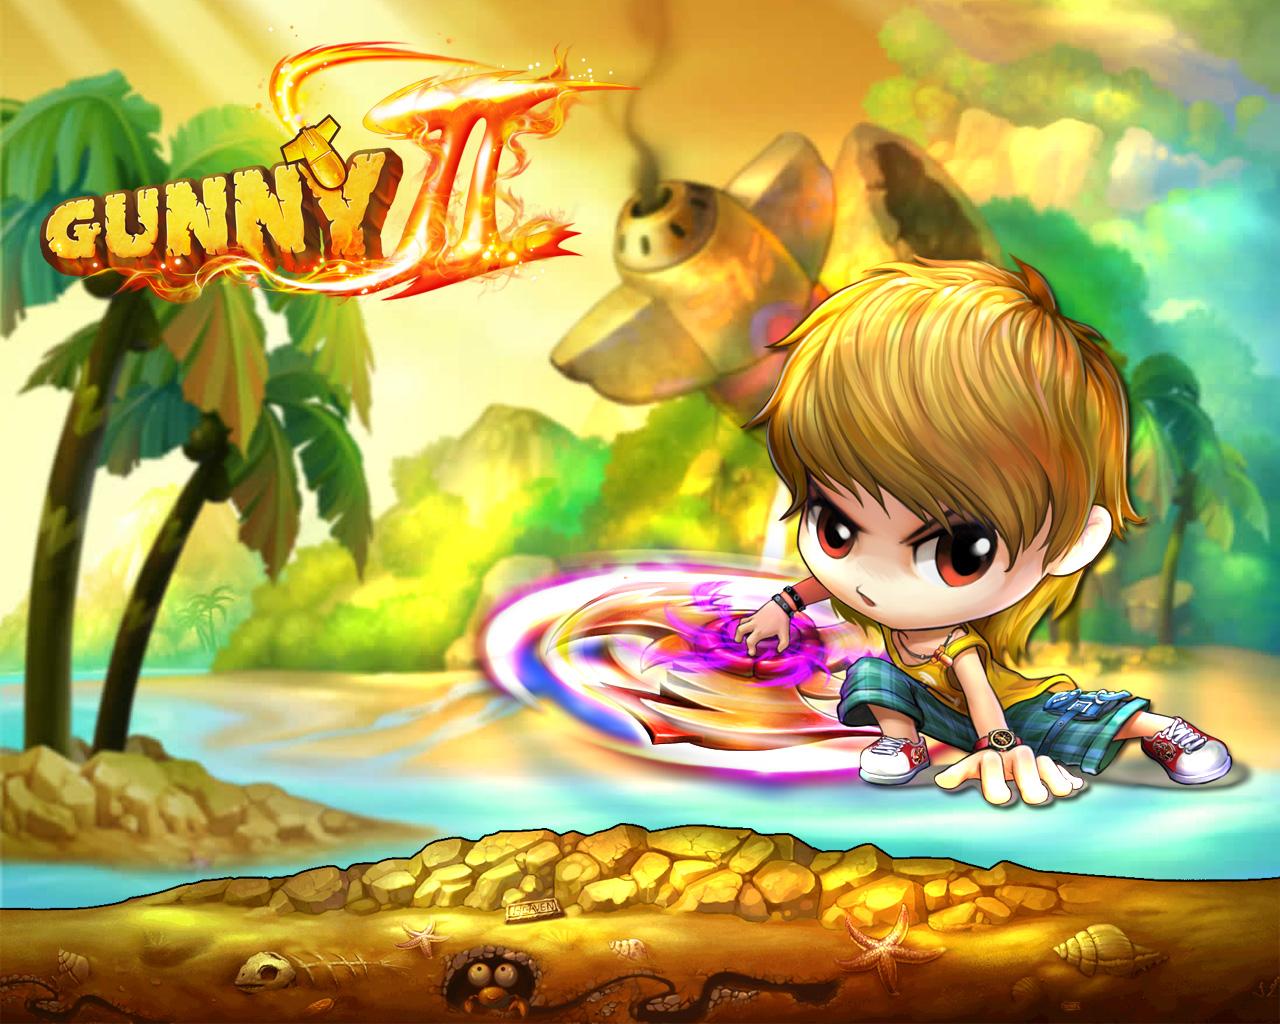 Bộ hình nền đẹp tuyệt của Gunny 2 - Ảnh 5